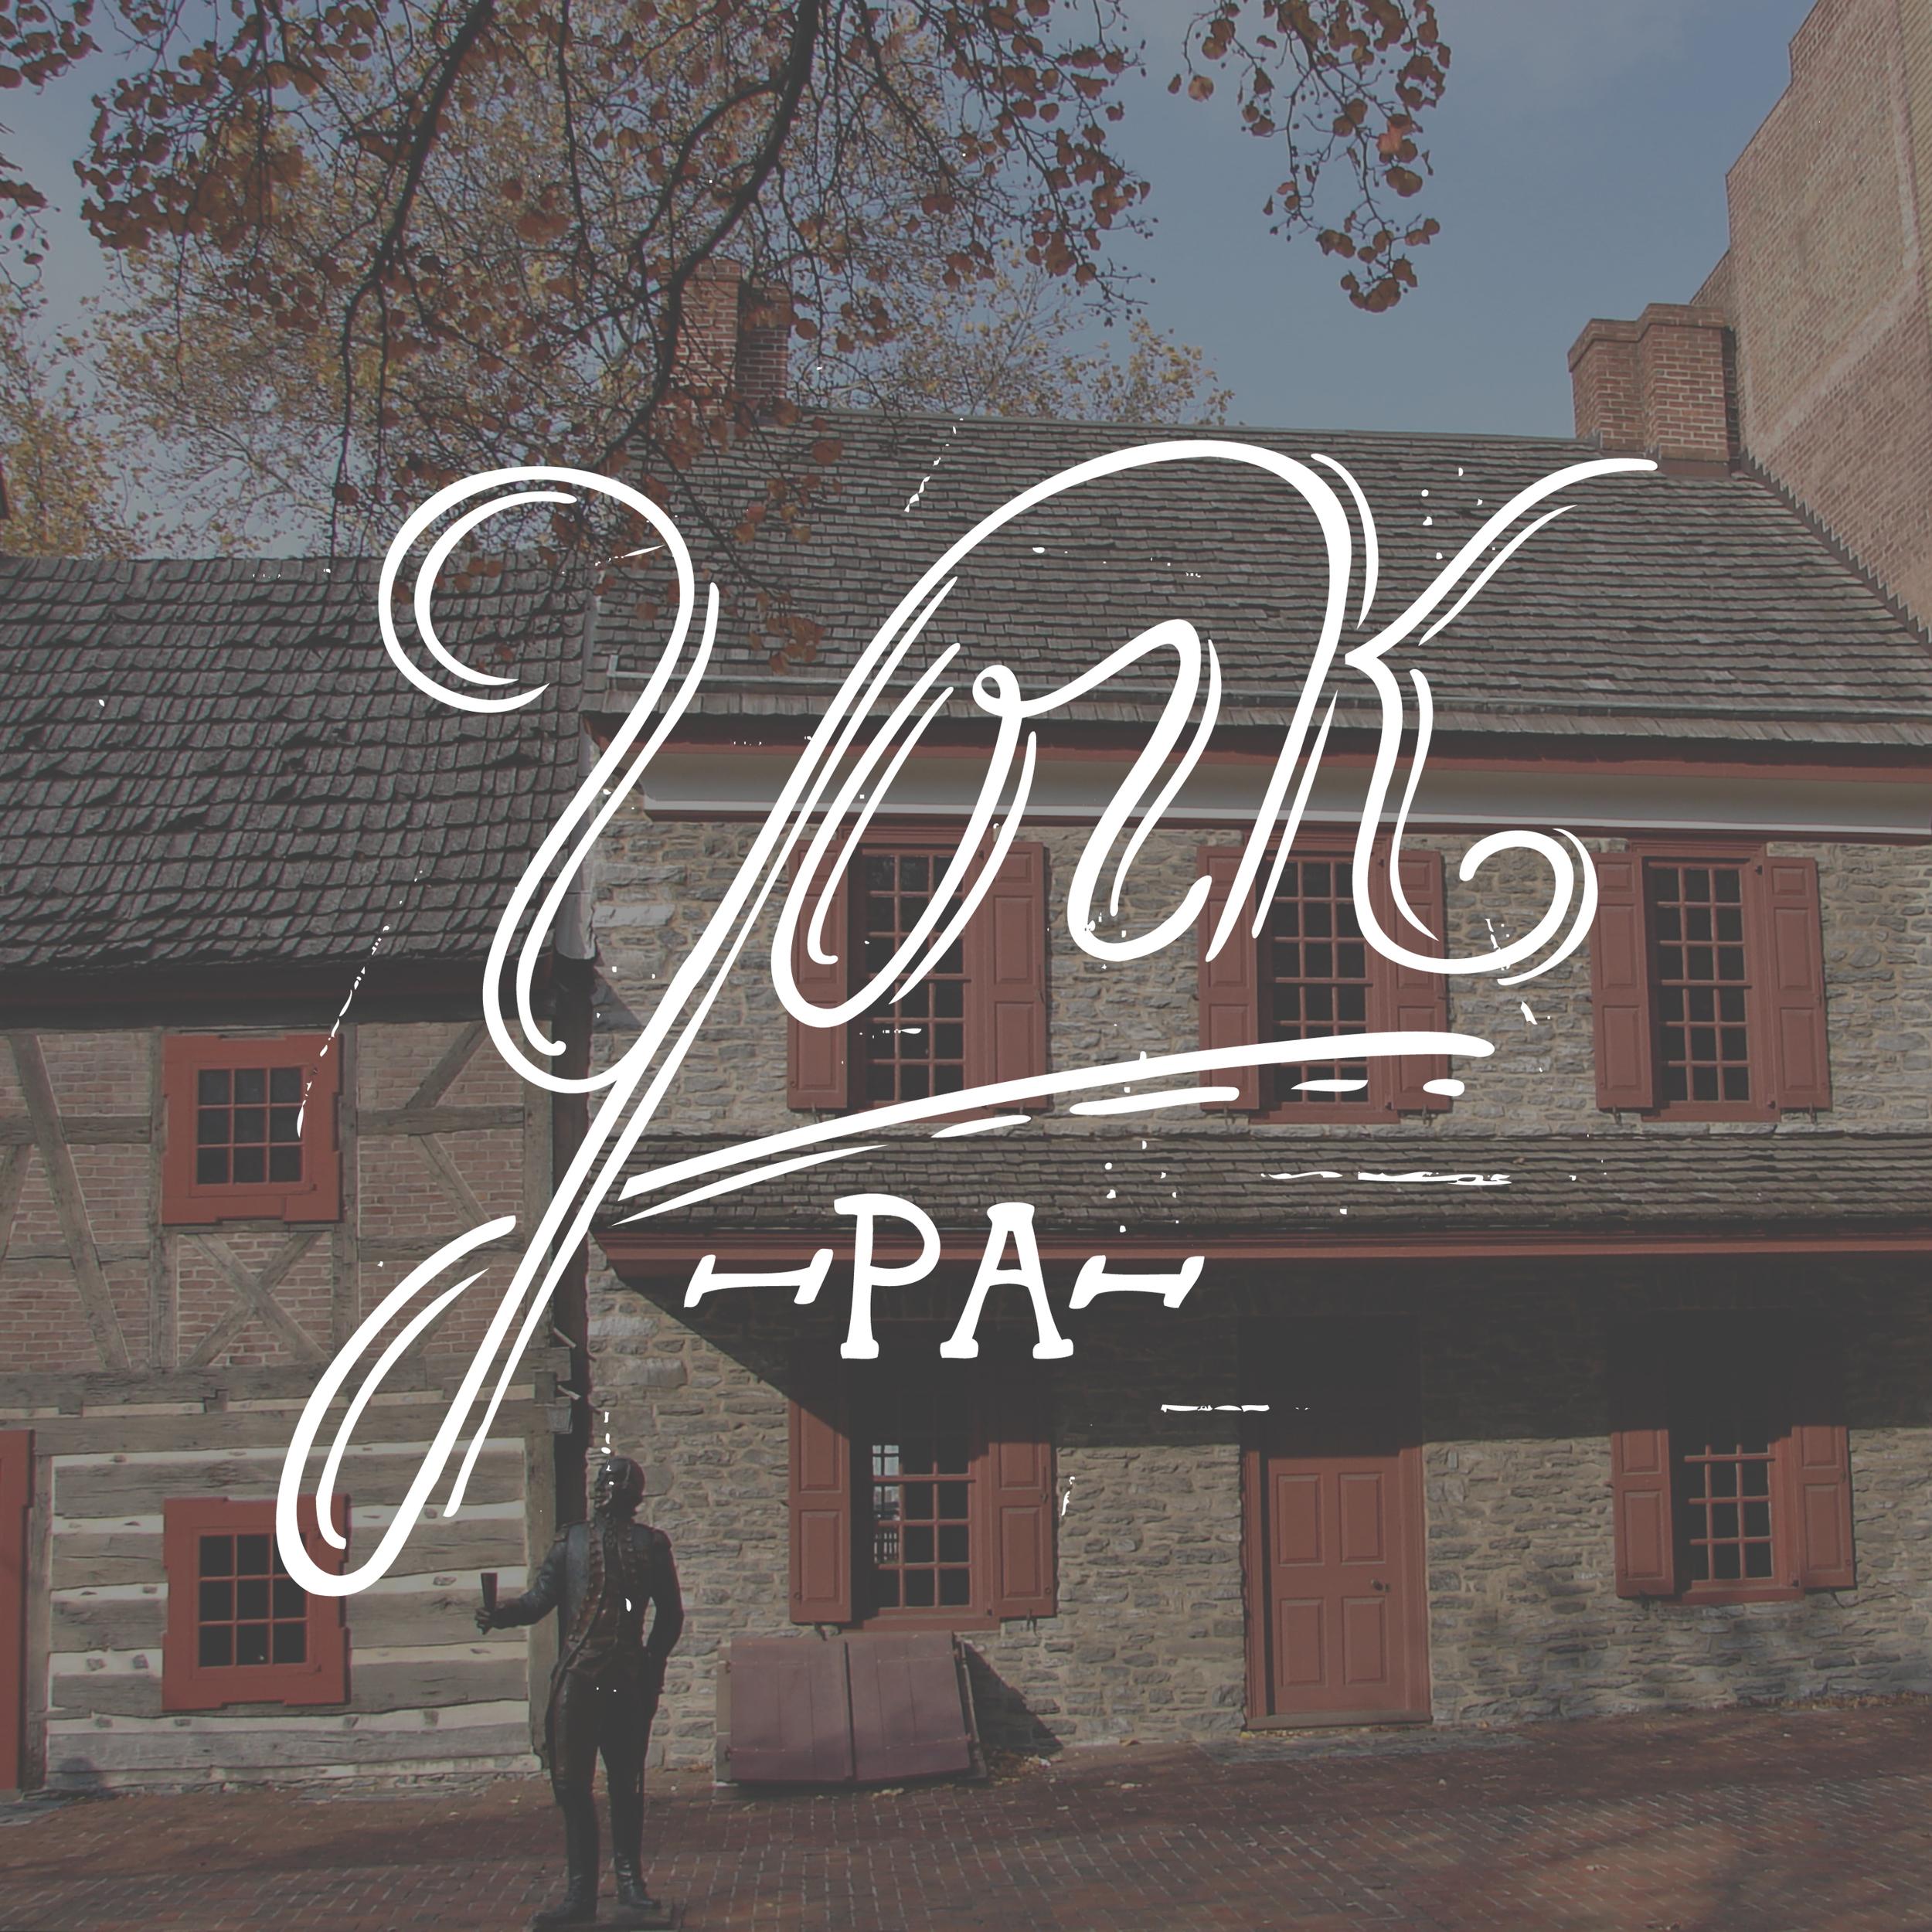 York Lettering